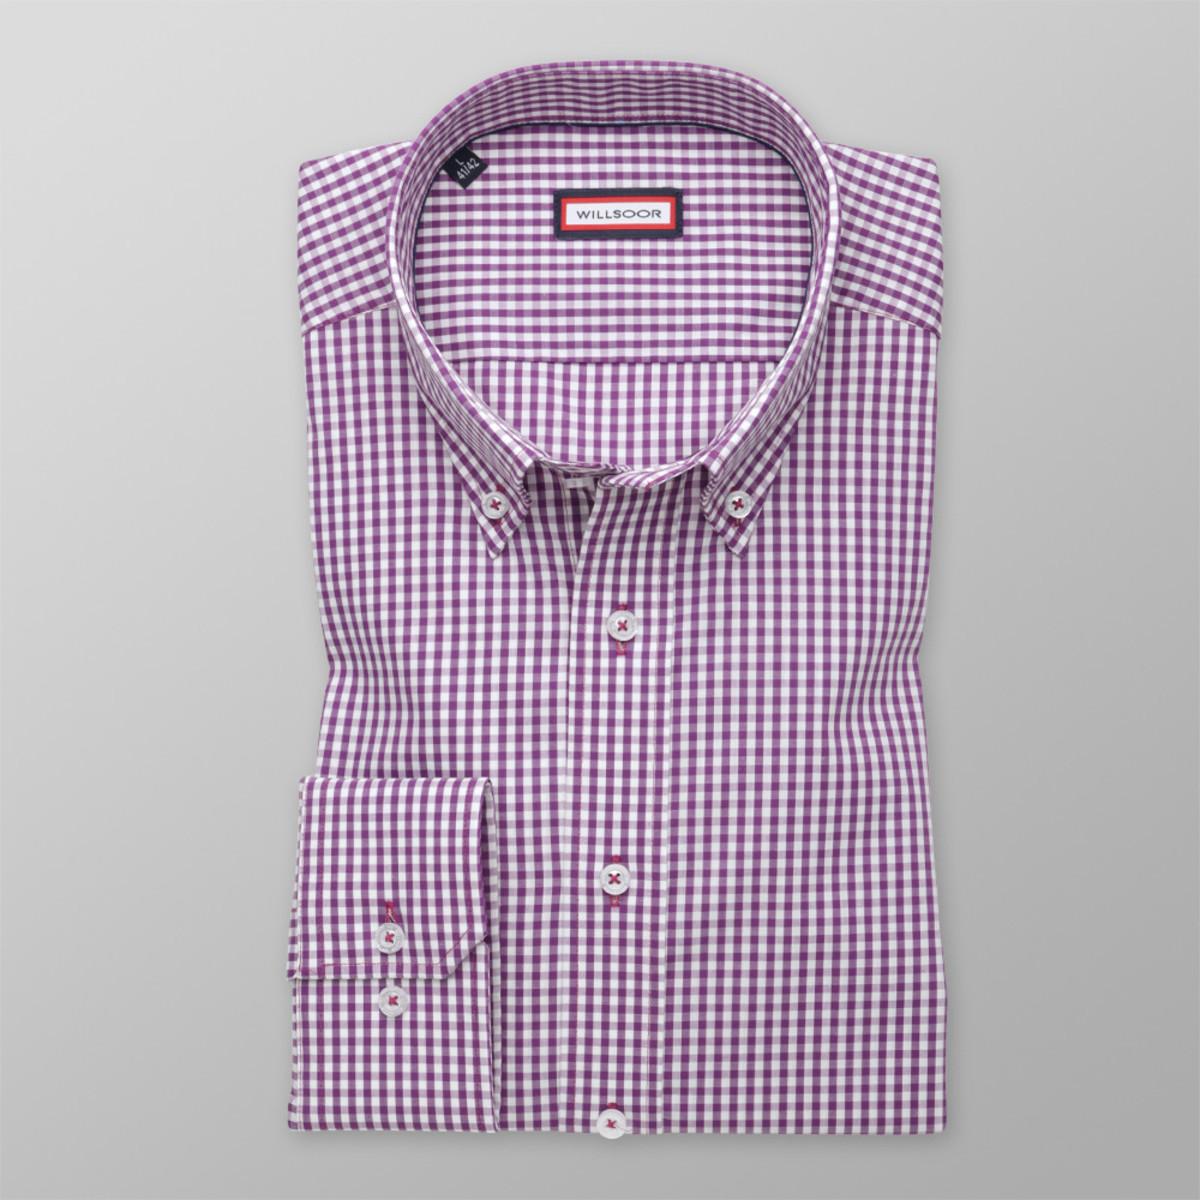 Košile slim fit se vzorem gingham (výška 176-182) 9888 176-182 / M (39/40)